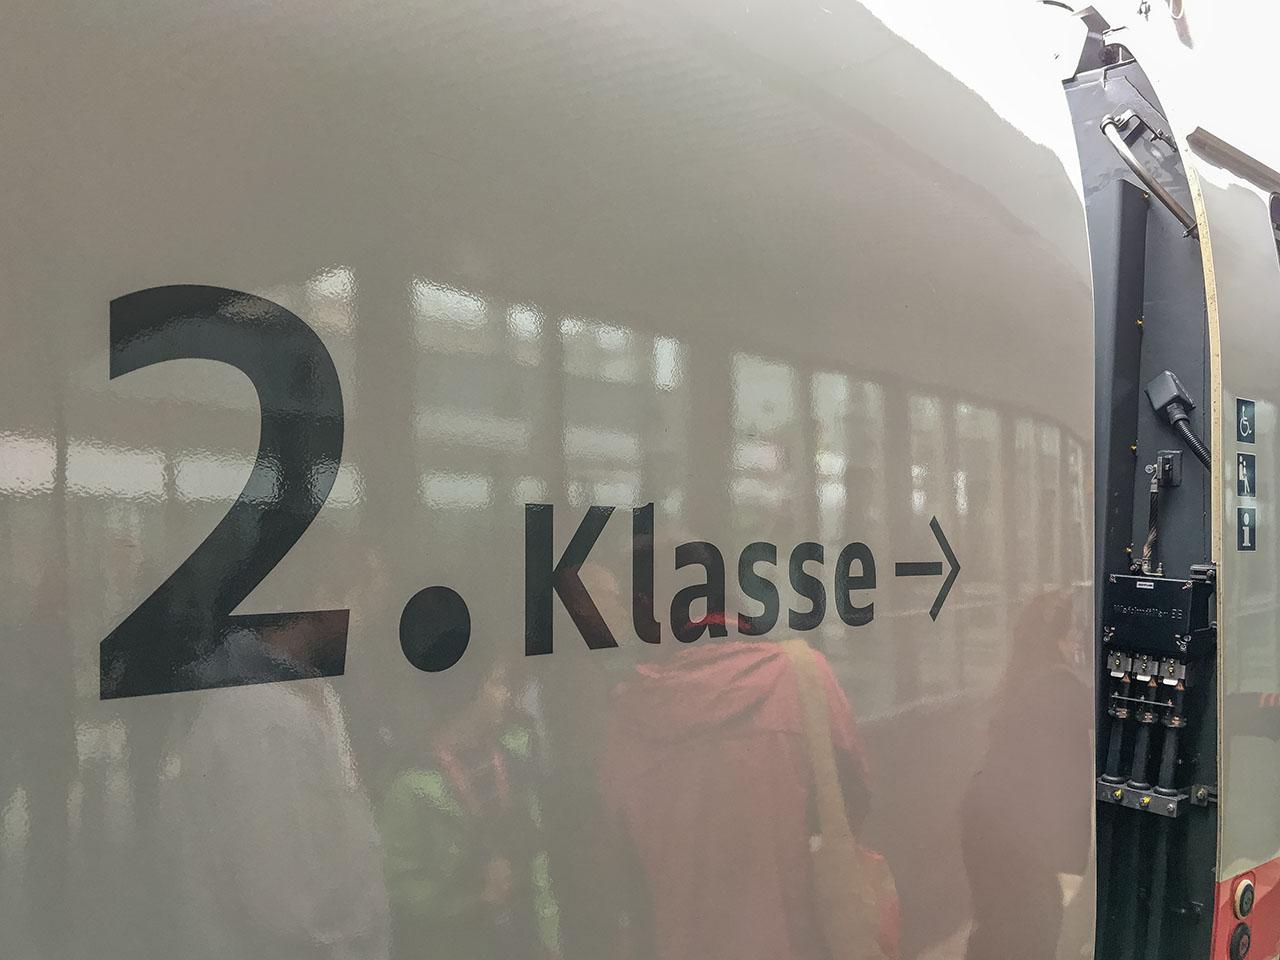 Bahn Sparpreis Klassenübergang